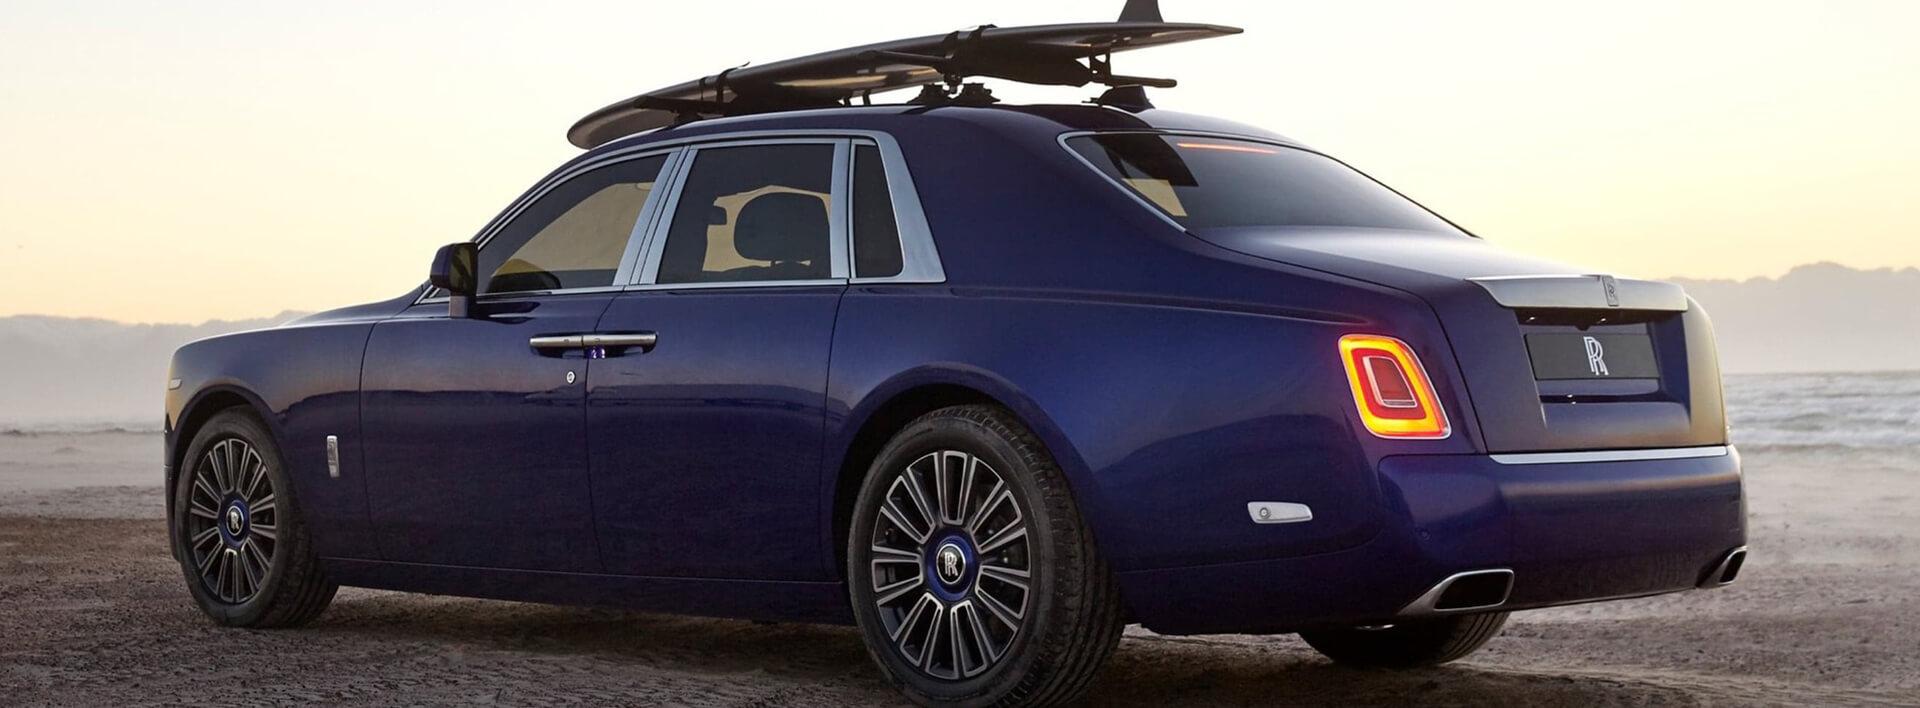 Rolls Royce Group